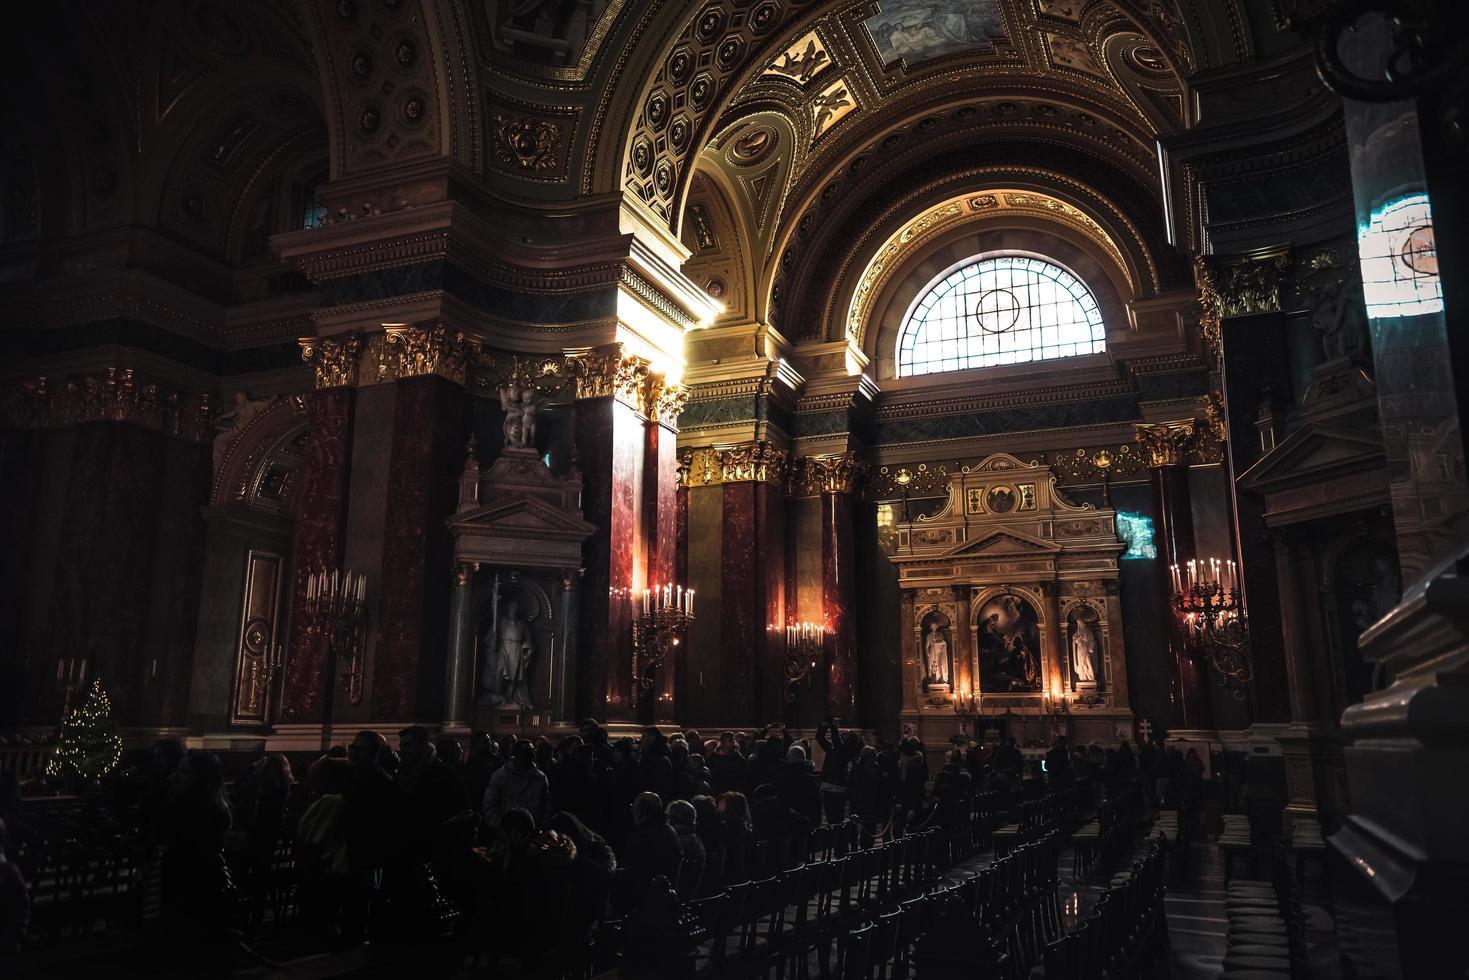 budapest 2019 - interior de st. basílica de stephen foto